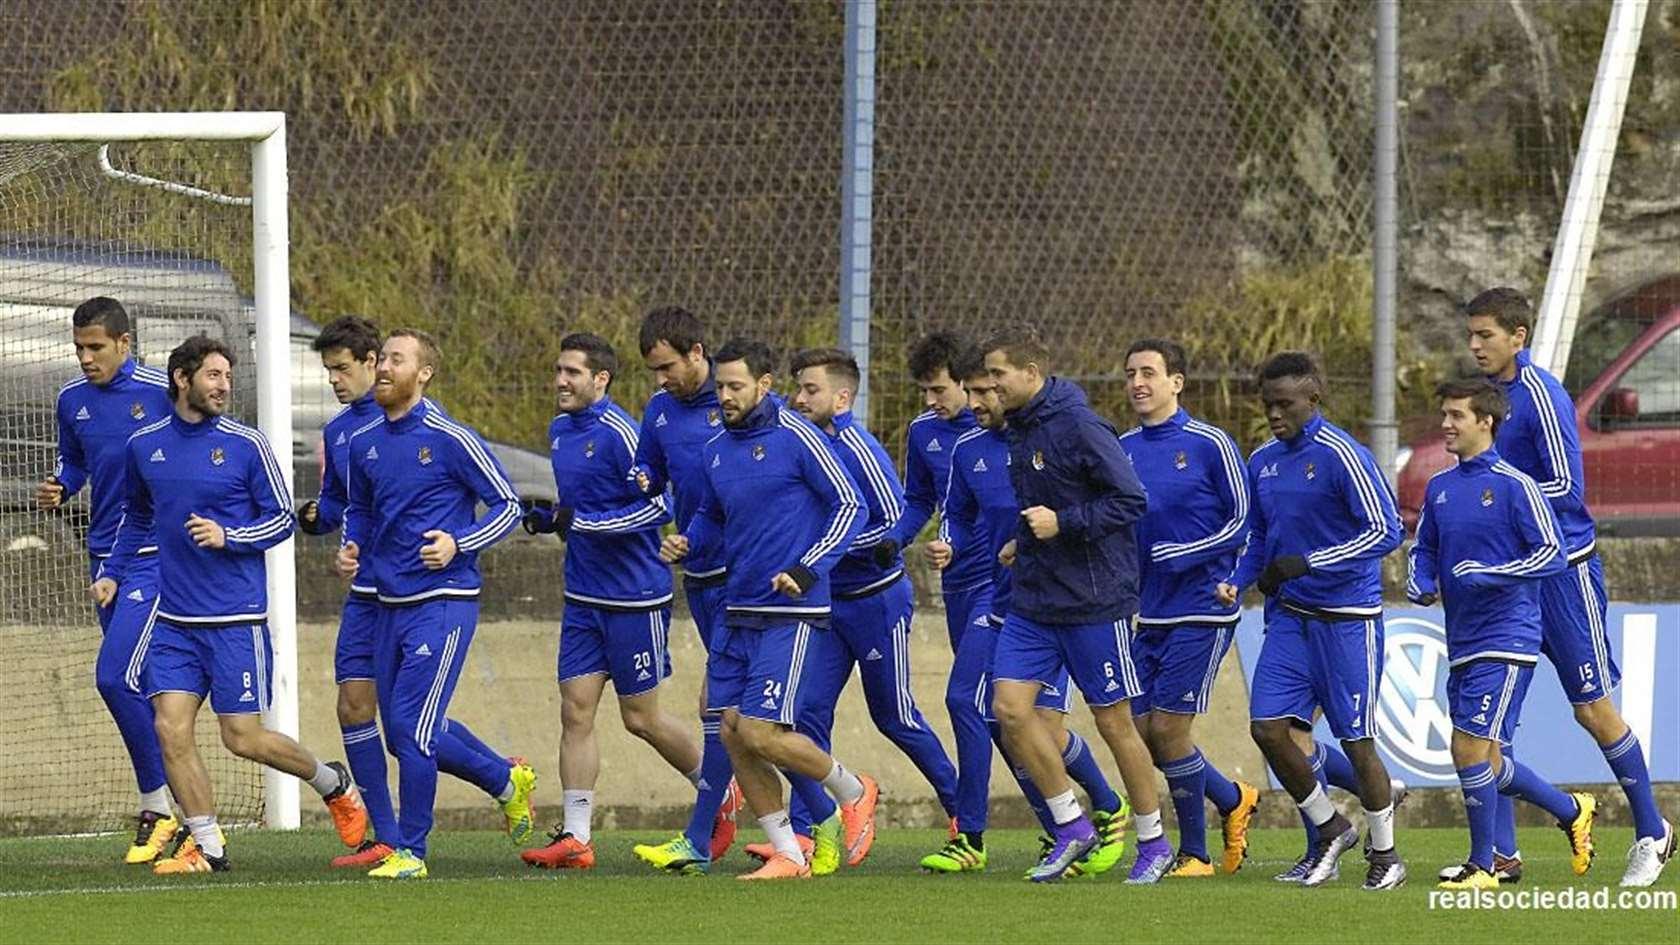 La Real reanuda hoy jueves el trabajo - Real Sociedad de Fútbol S.A.D.